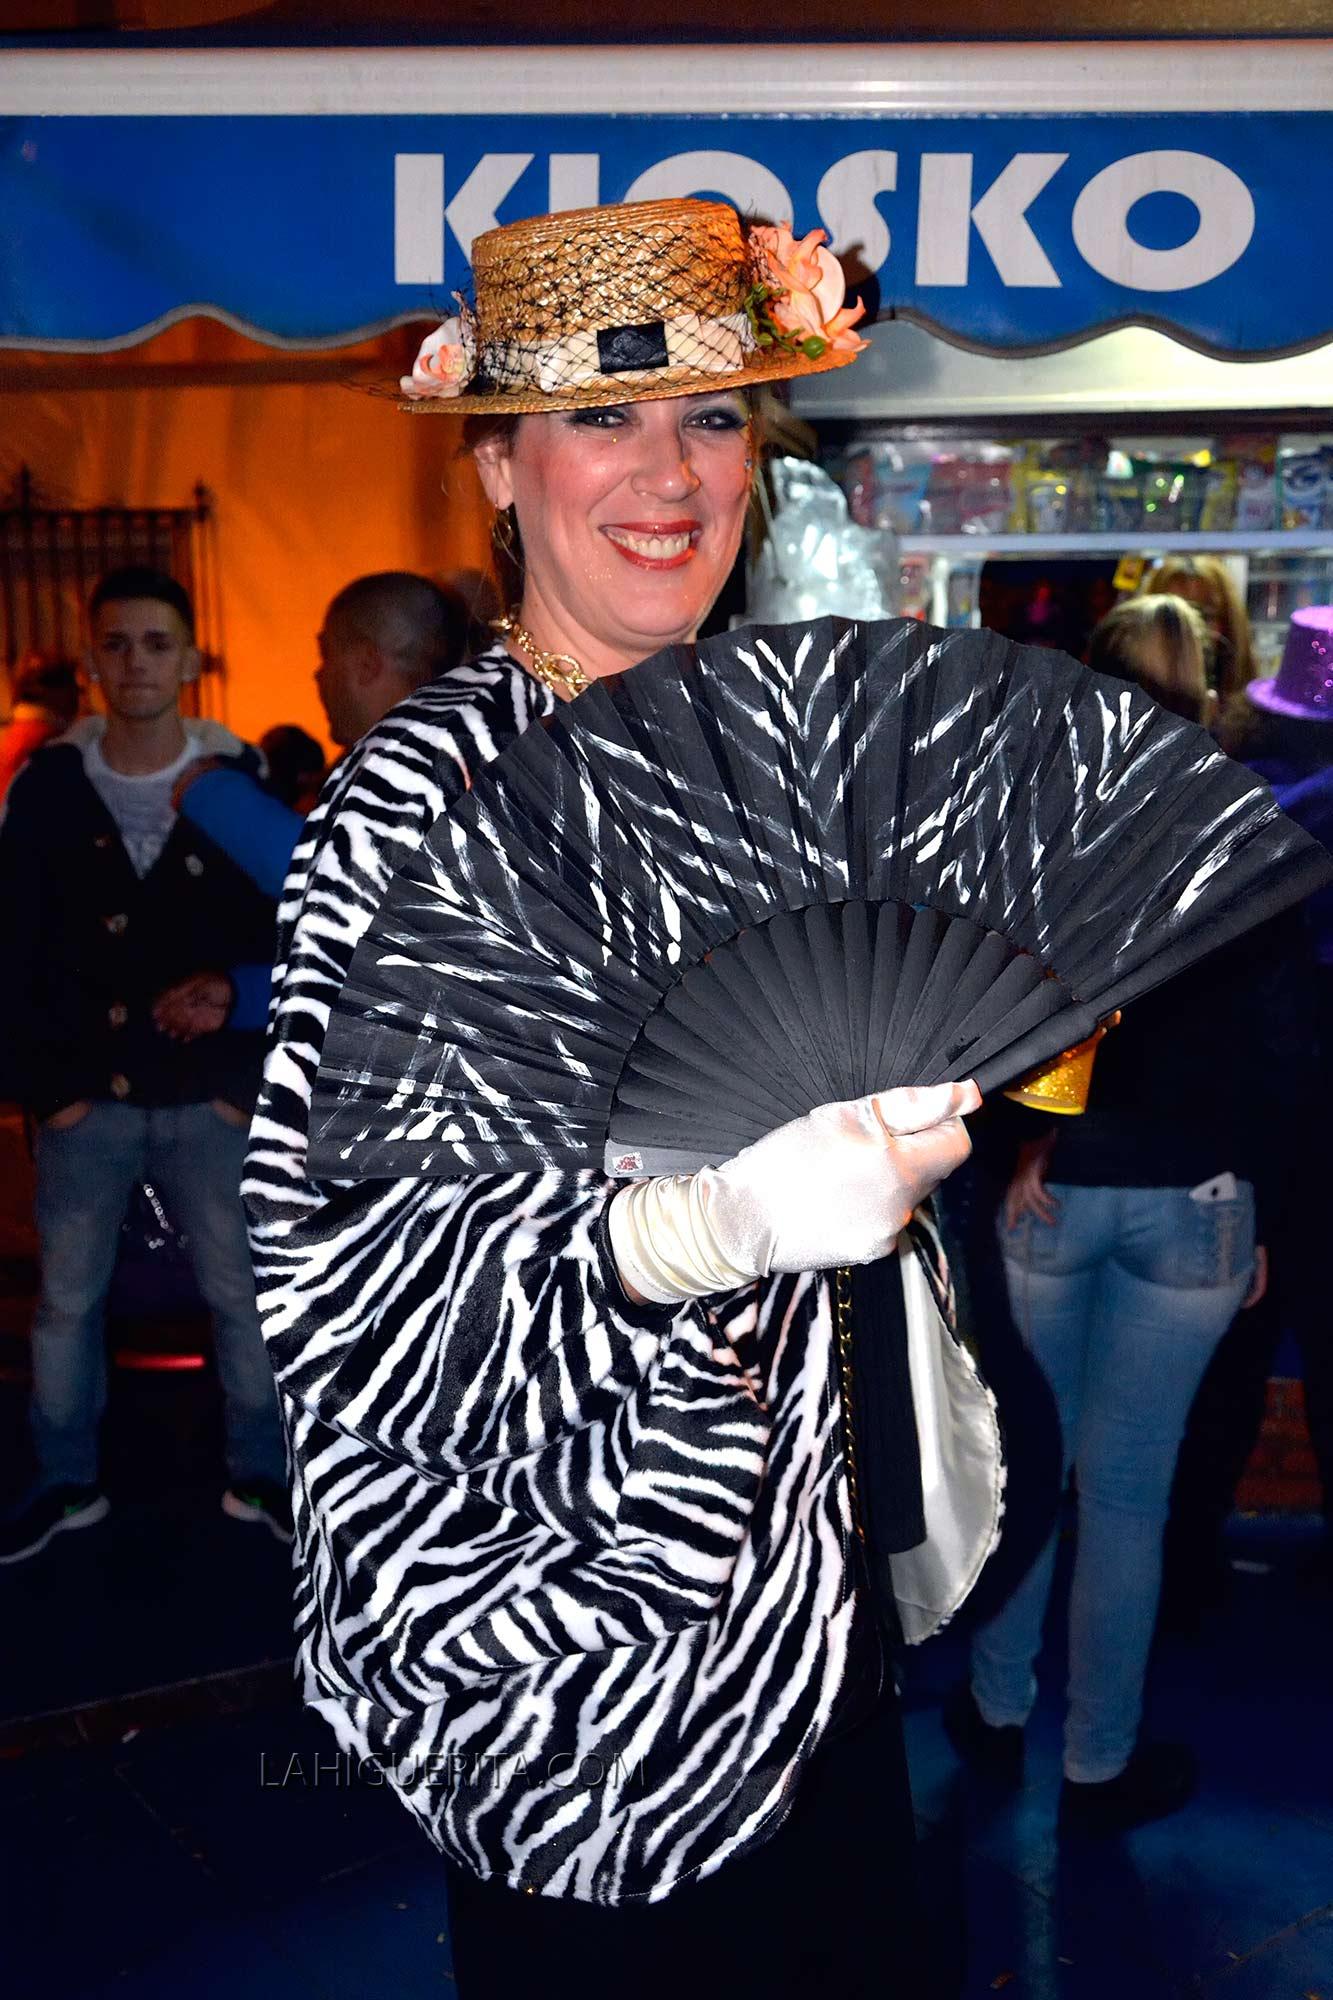 Entierro de la sardina carnaval isla cristina _DSC2220